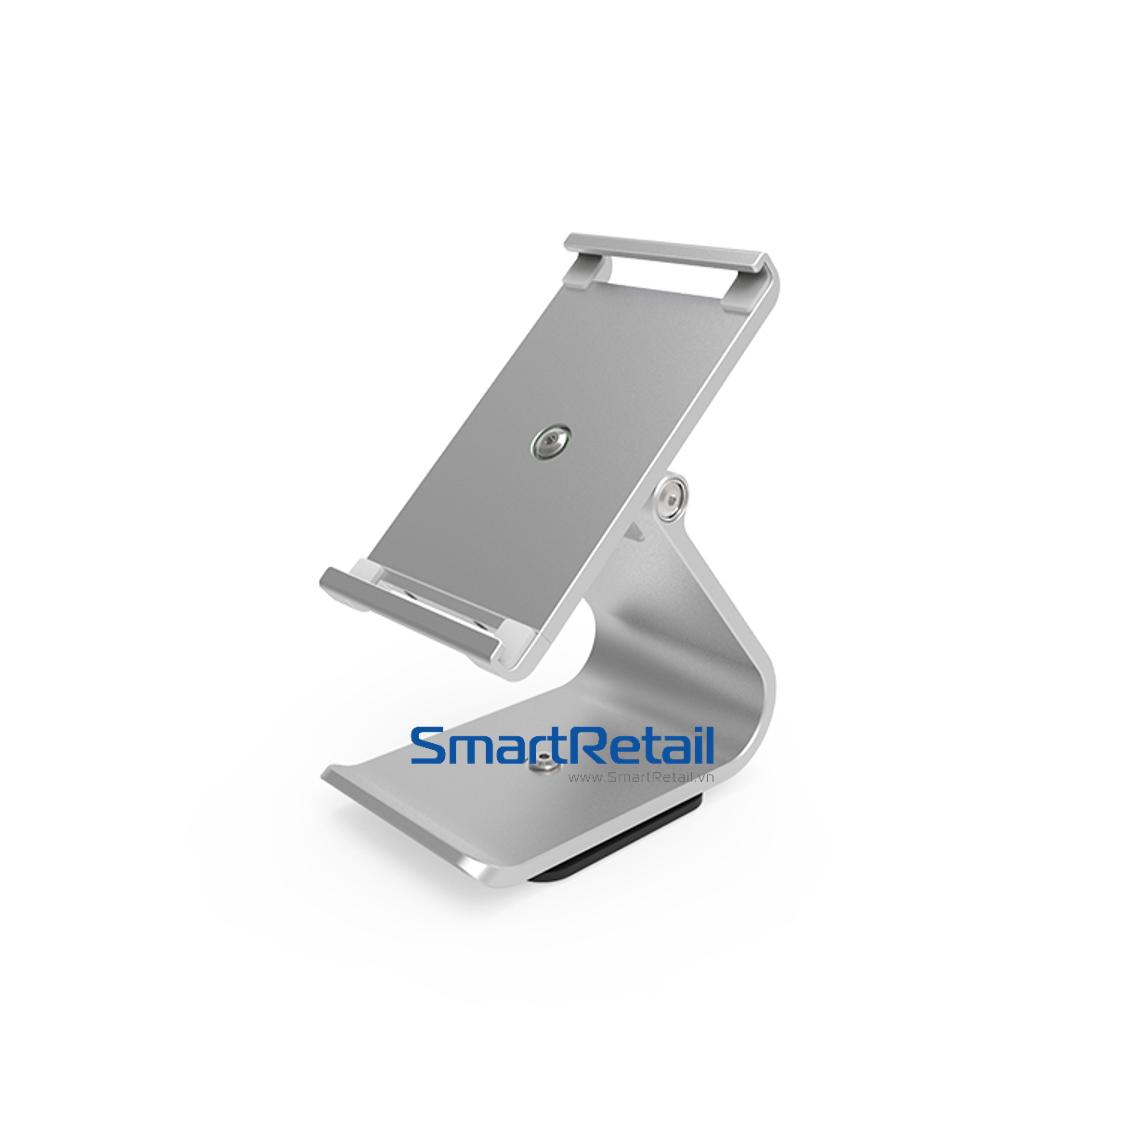 SmartRetail Thiet bi bao ve Tablet SC303 2